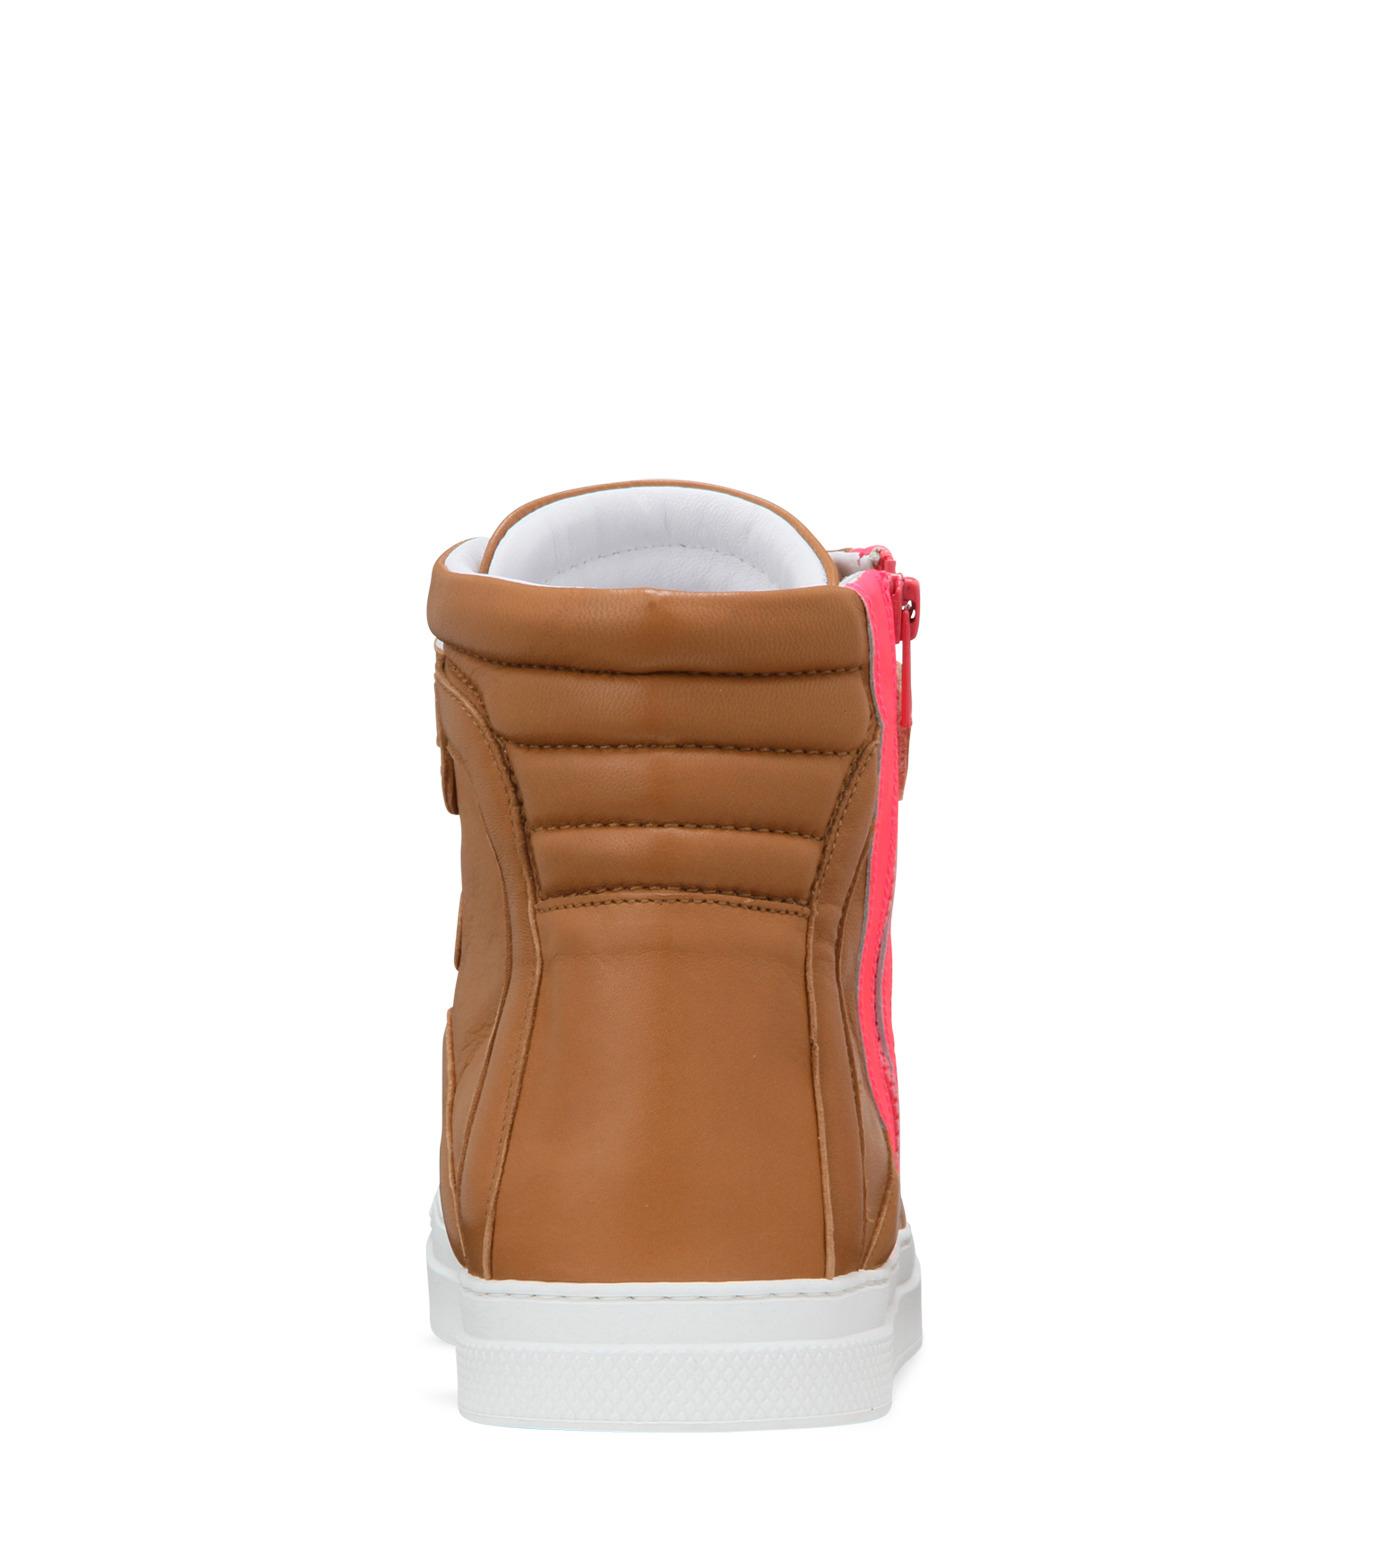 Pierre Hardy(ピエール アルディ)のSide zip sneaker-LIGHT BROWN-S3112NAPGUMC-41 拡大詳細画像3